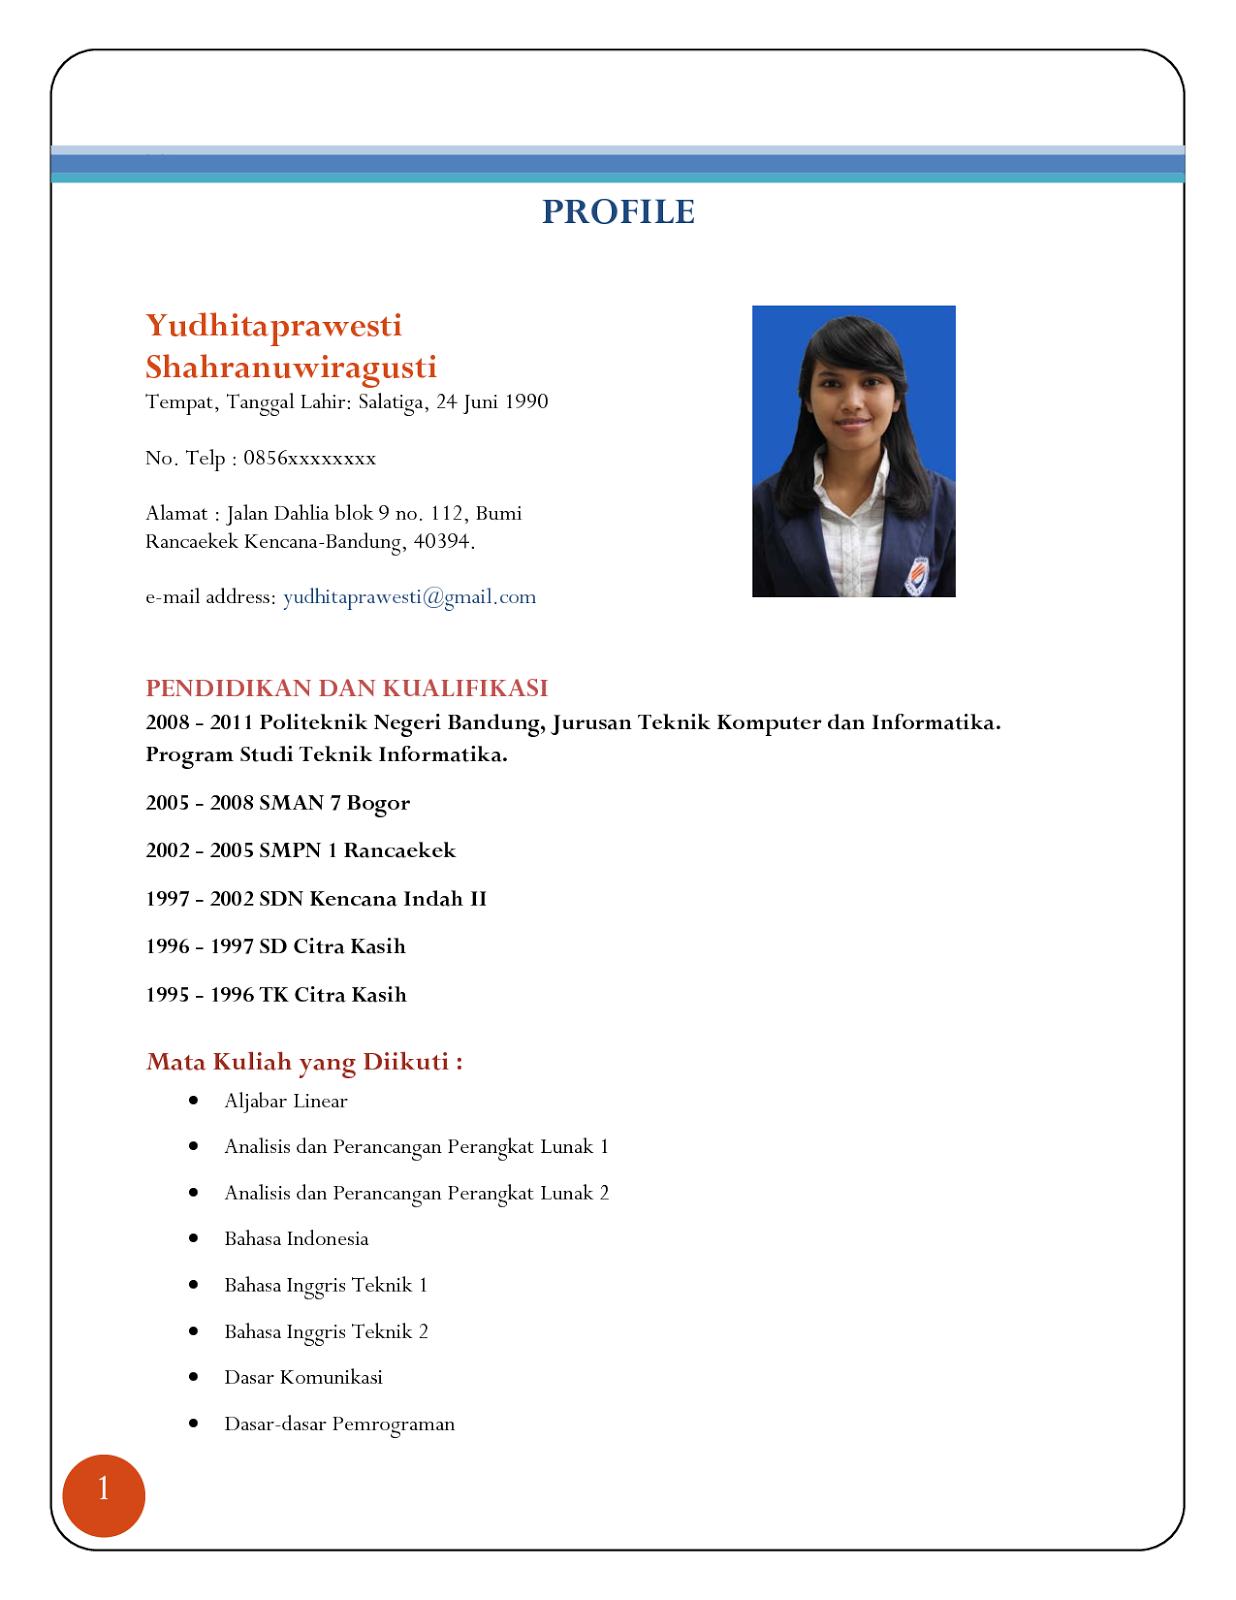 Resume untuk kerja